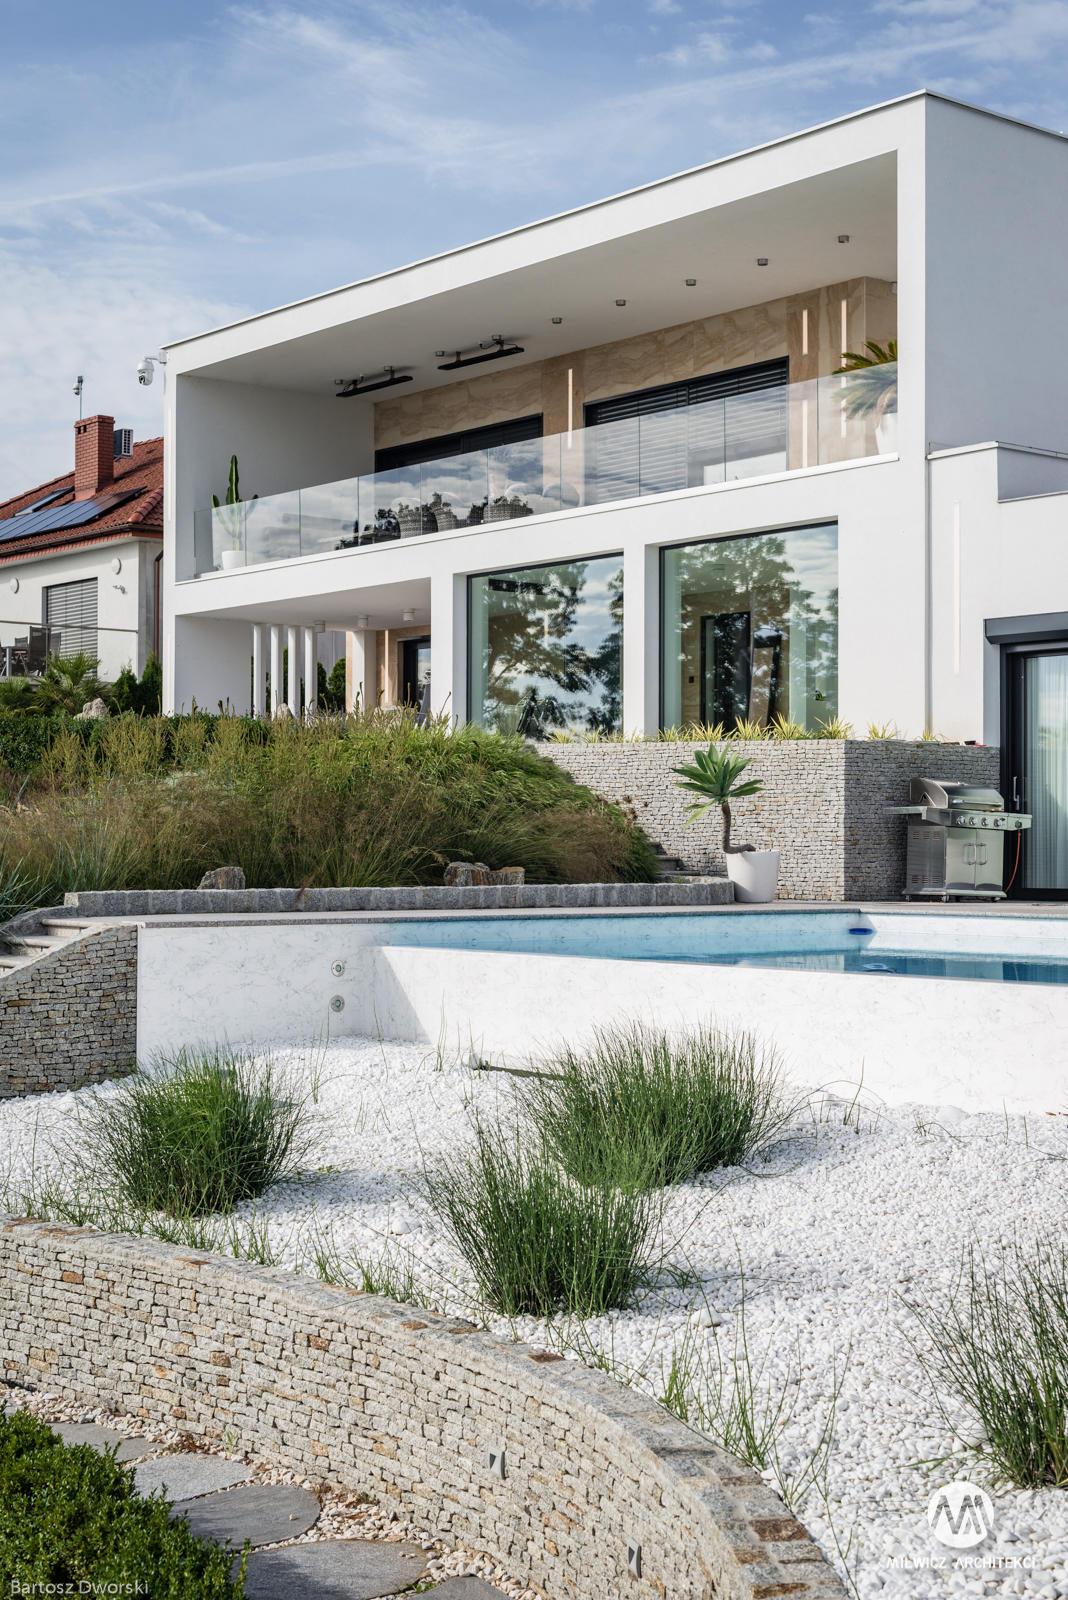 projekty indywidualne, nowoczesna architektura, modernizm, płaskie dachy, dom z basenem